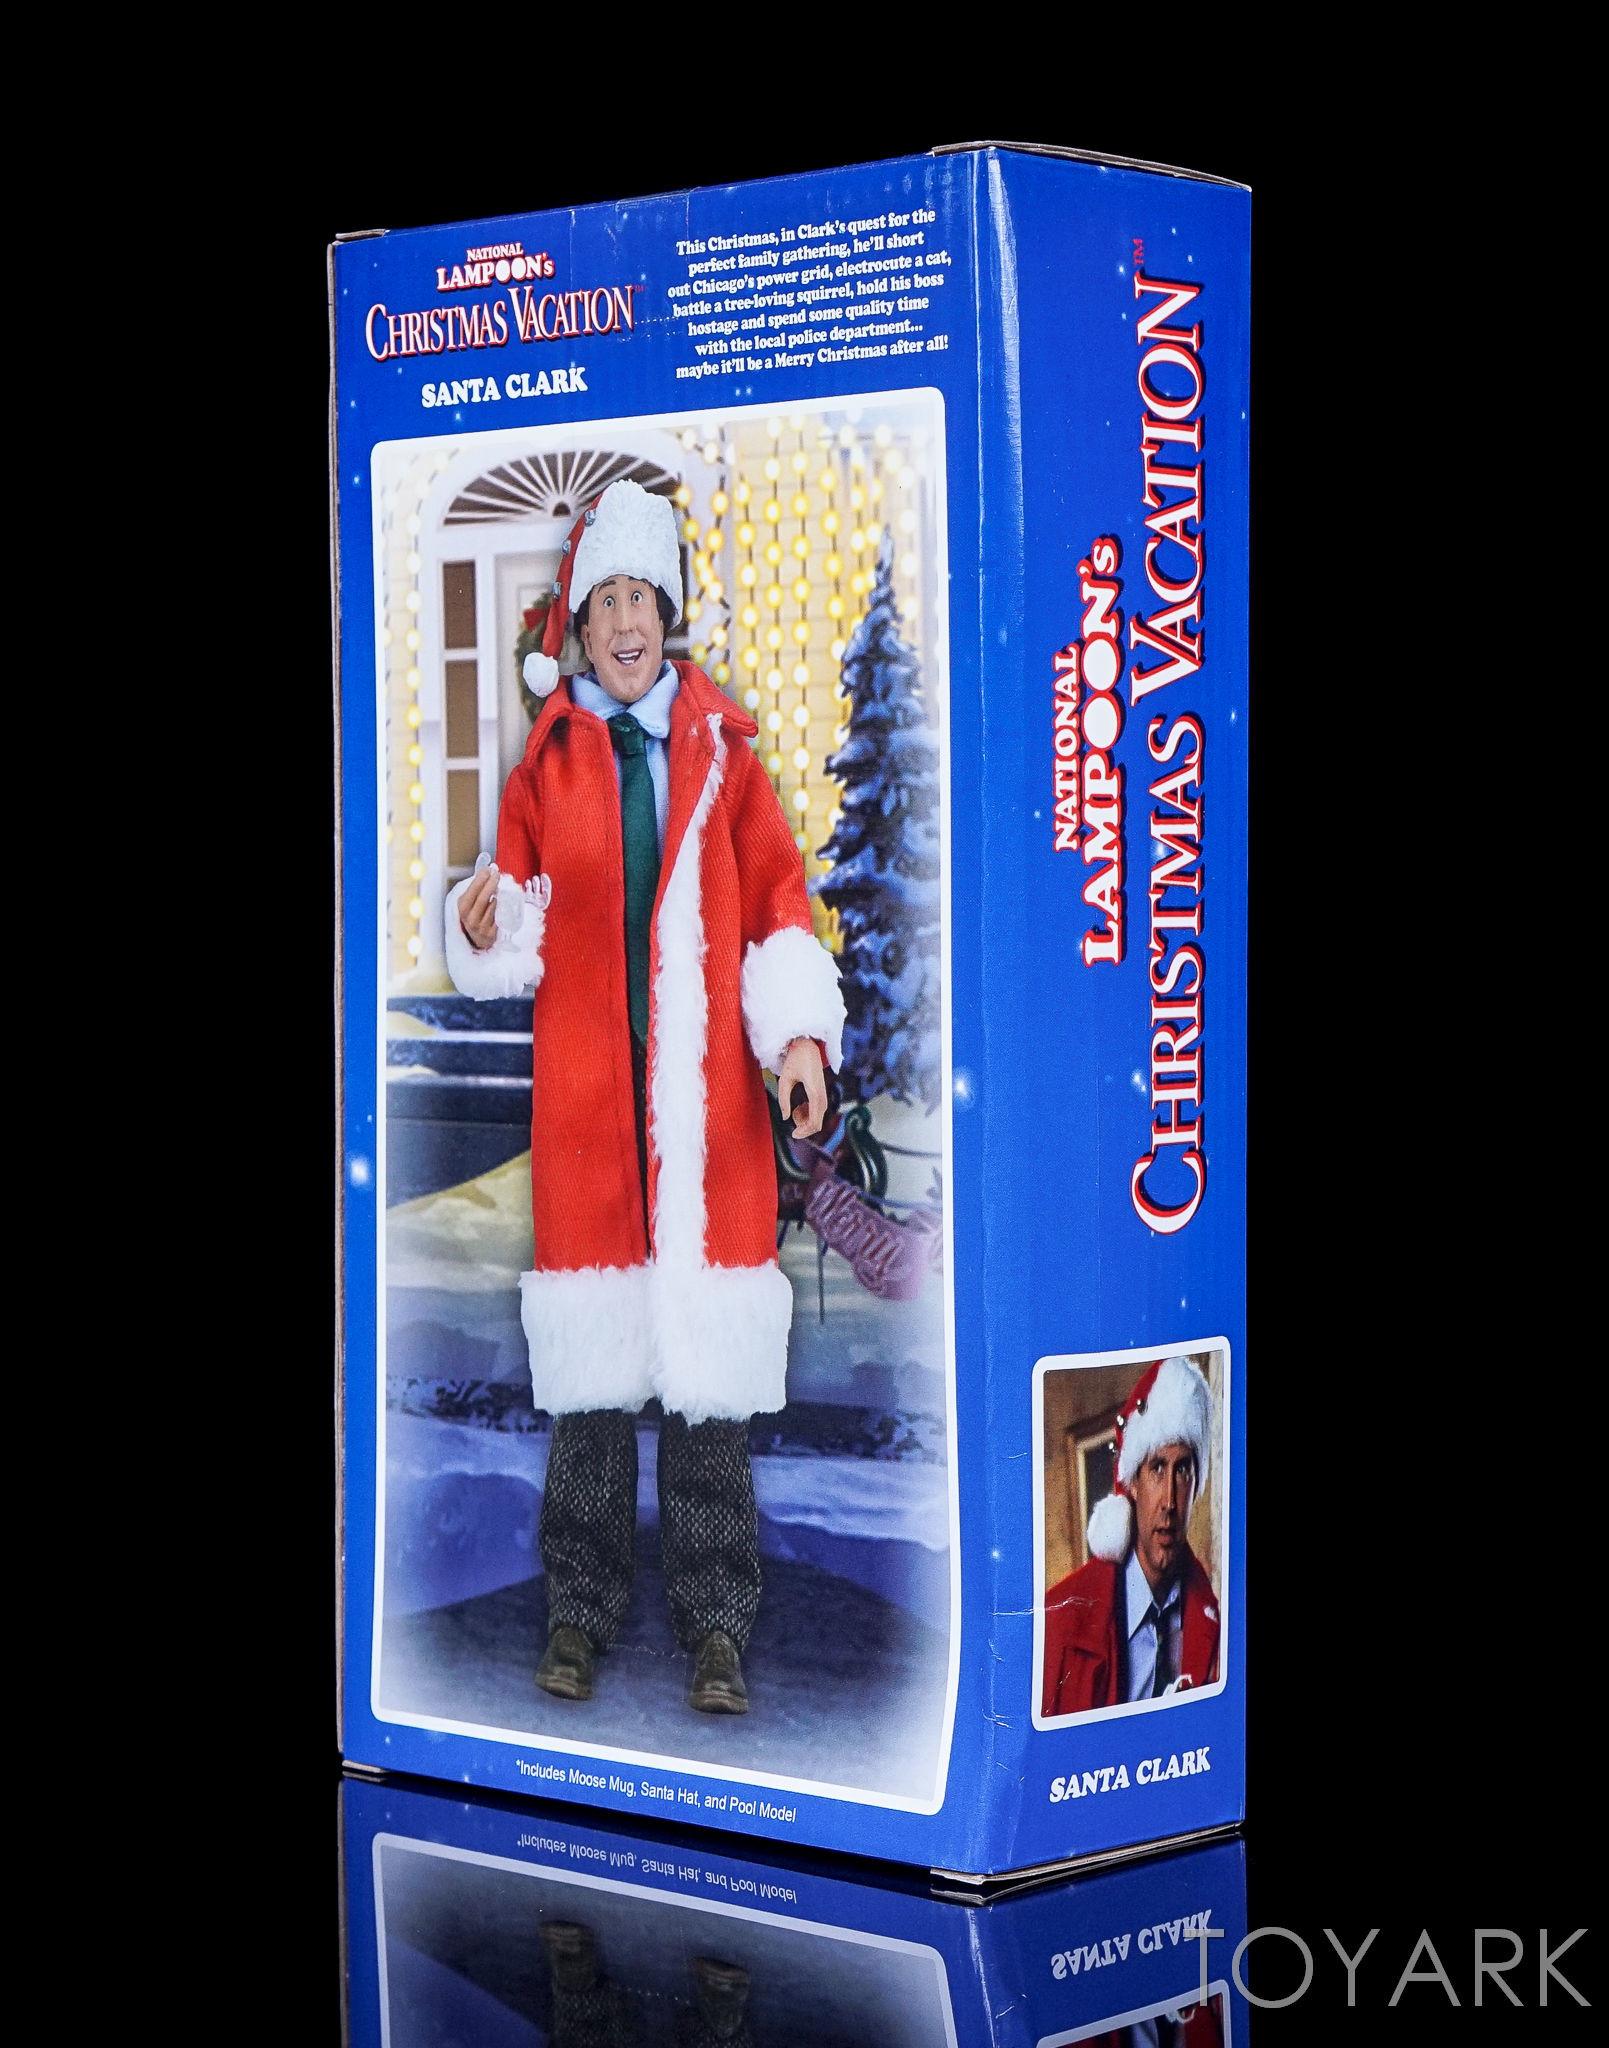 Christmas Vacation Santa Clark NECA 005